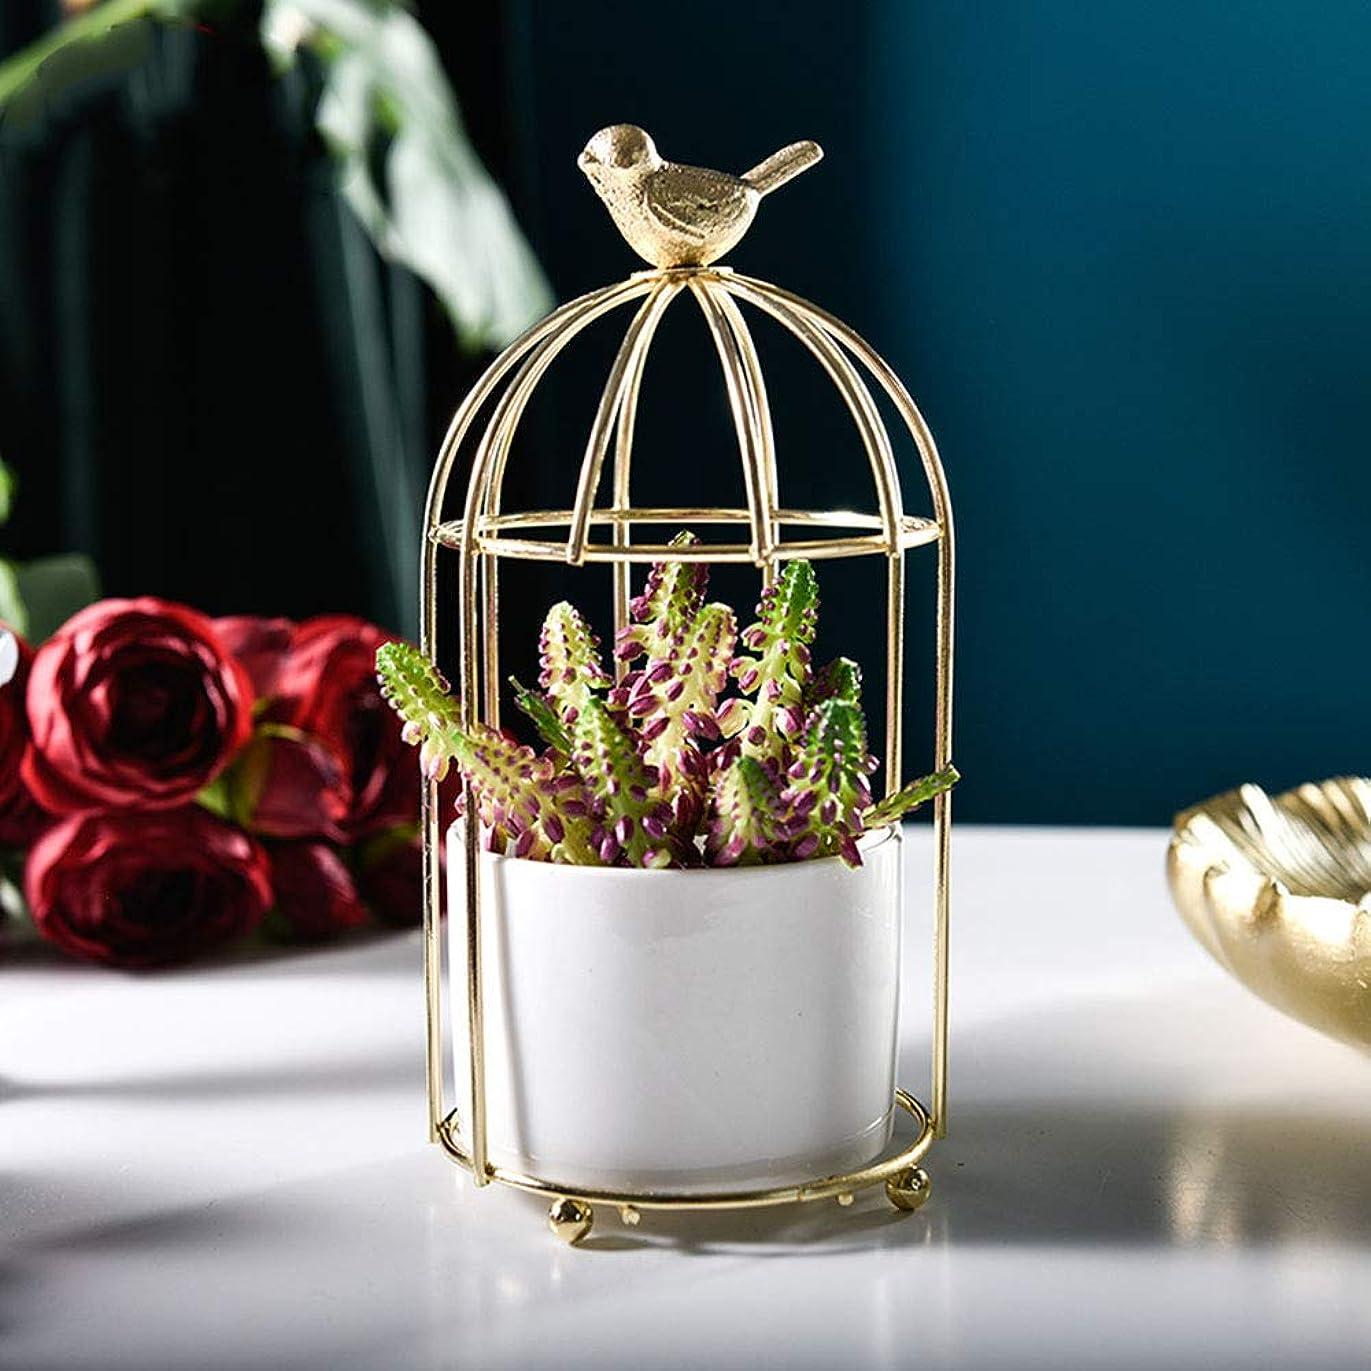 作ります遺跡復讐花瓶 植木鉢 陶器鉢 植物鉢 花鉢 Fukuka サボテン鉢 ミニ多肉植木鉢 おしゃれ シンプルなデザイン 置物 インテリア鳥籠型 (金色)